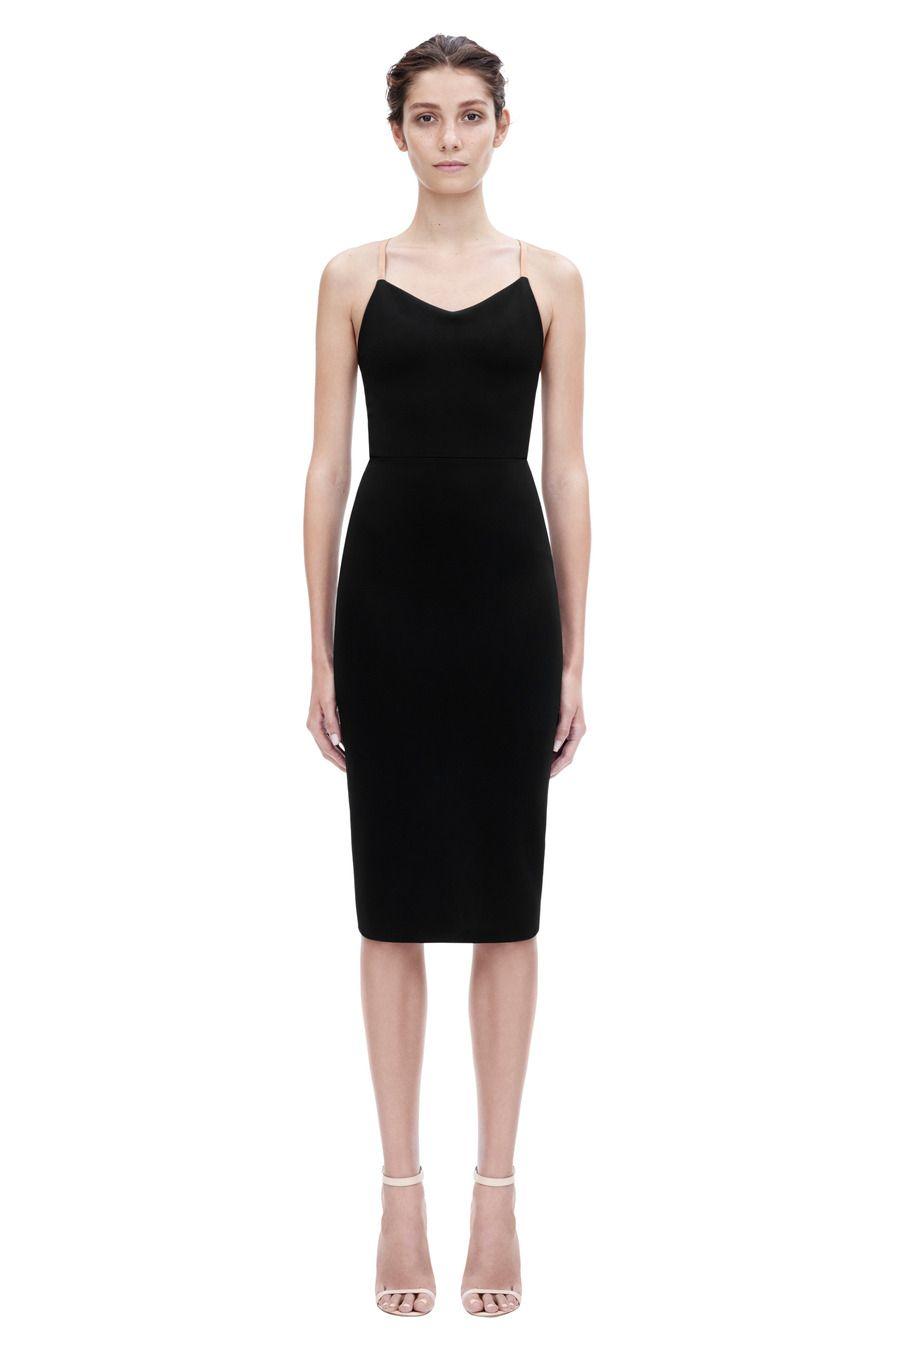 Victoria Beckham Victoria Beckham Dress Victoria Beckham Black Dress Gowns Dresses [ 1350 x 900 Pixel ]